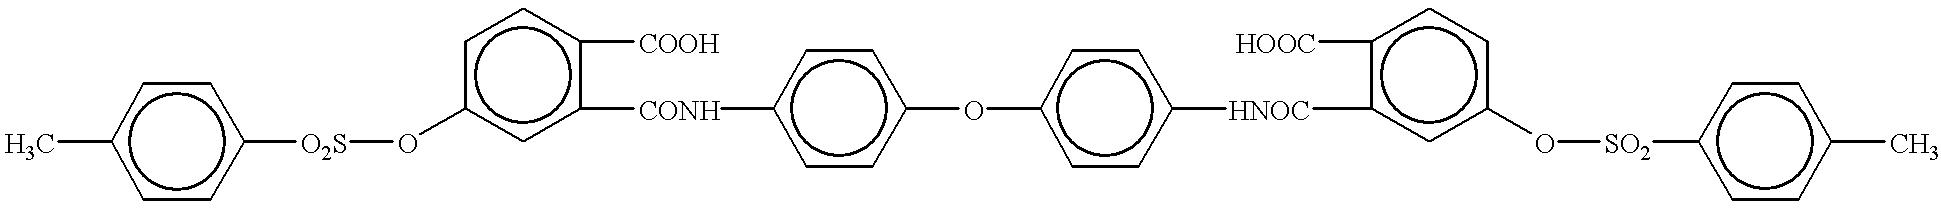 Figure US06180560-20010130-C00431